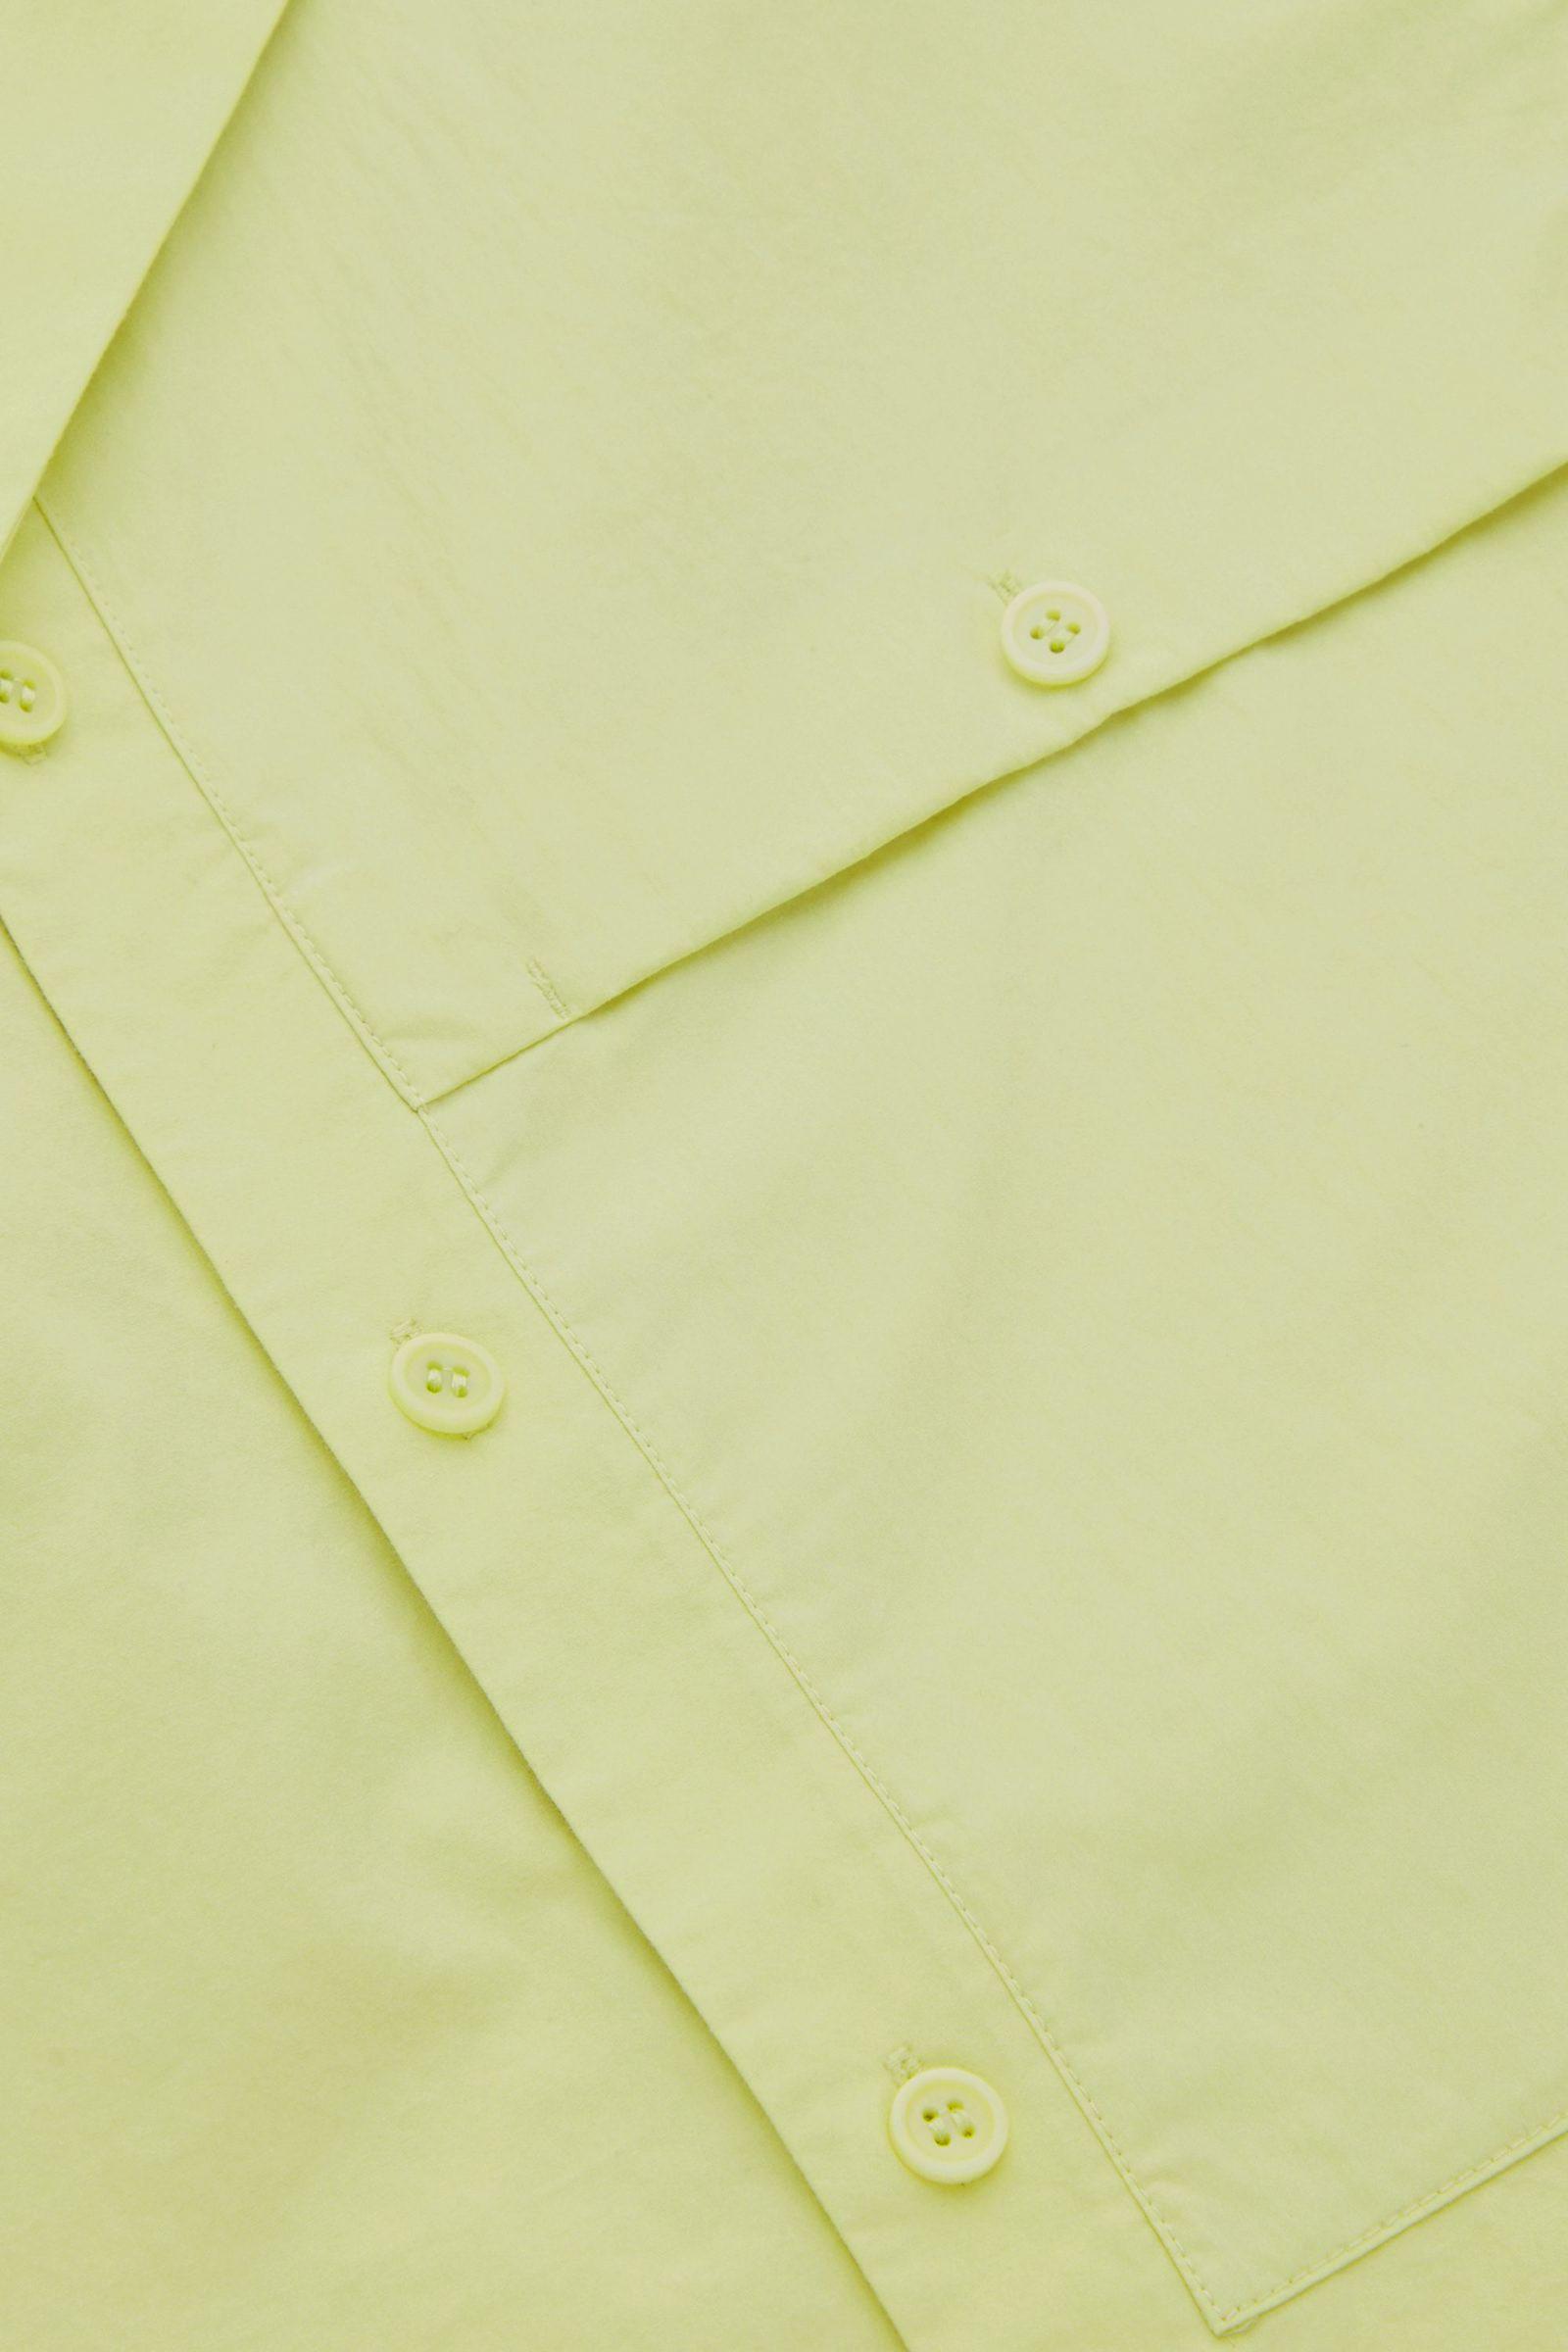 COS 패치 포켓 쇼트 슬리브 셔츠의 네온 그린컬러 Detail입니다.